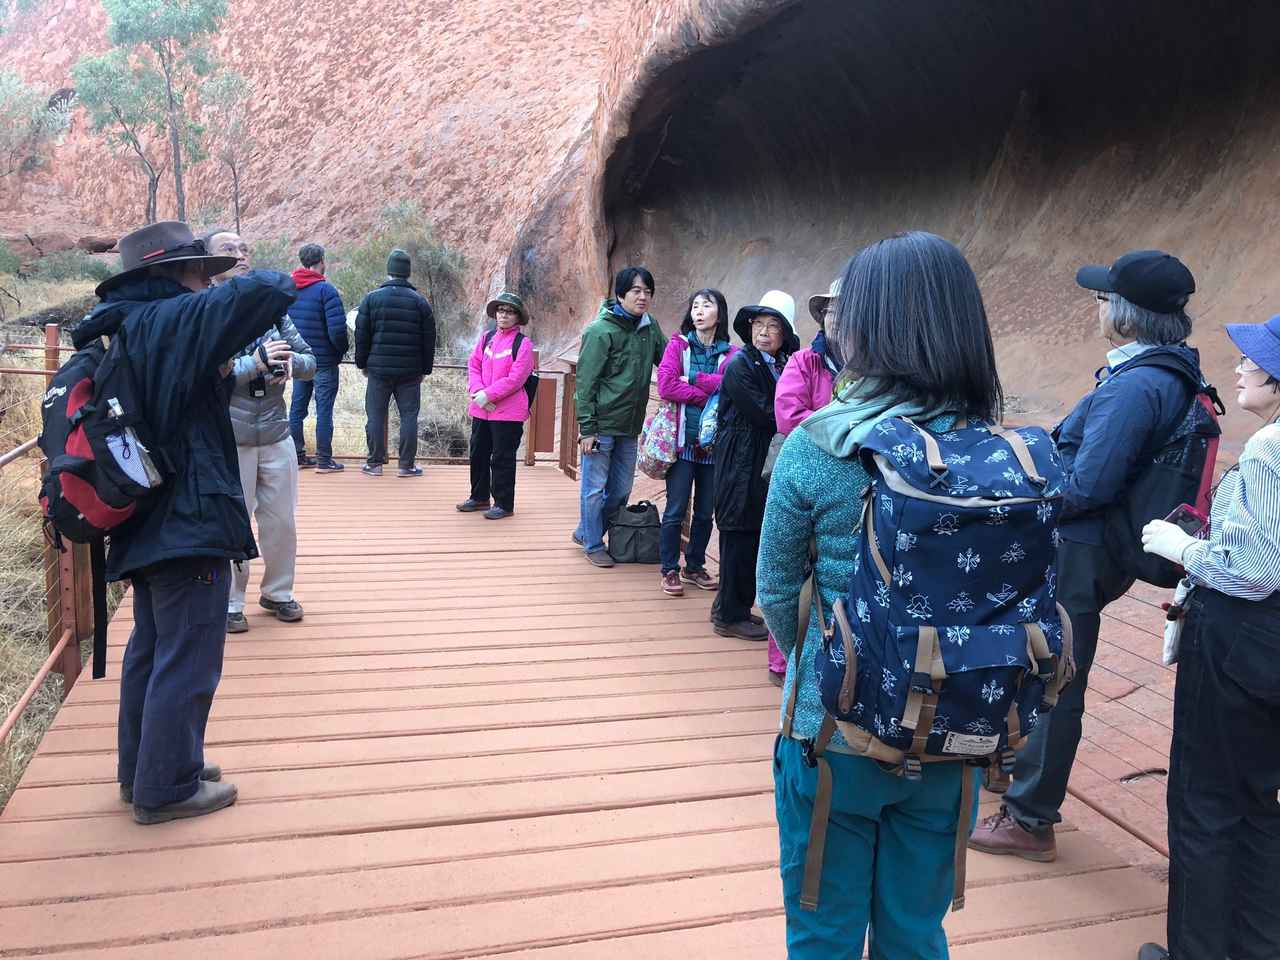 画像: 朝日鑑賞後は日本語ガイドさんと一緒にエアーズロック8ウルル)の麓の散策へ!先住民アボリジニの文化と歴史を学ぶ散策路を歩きます